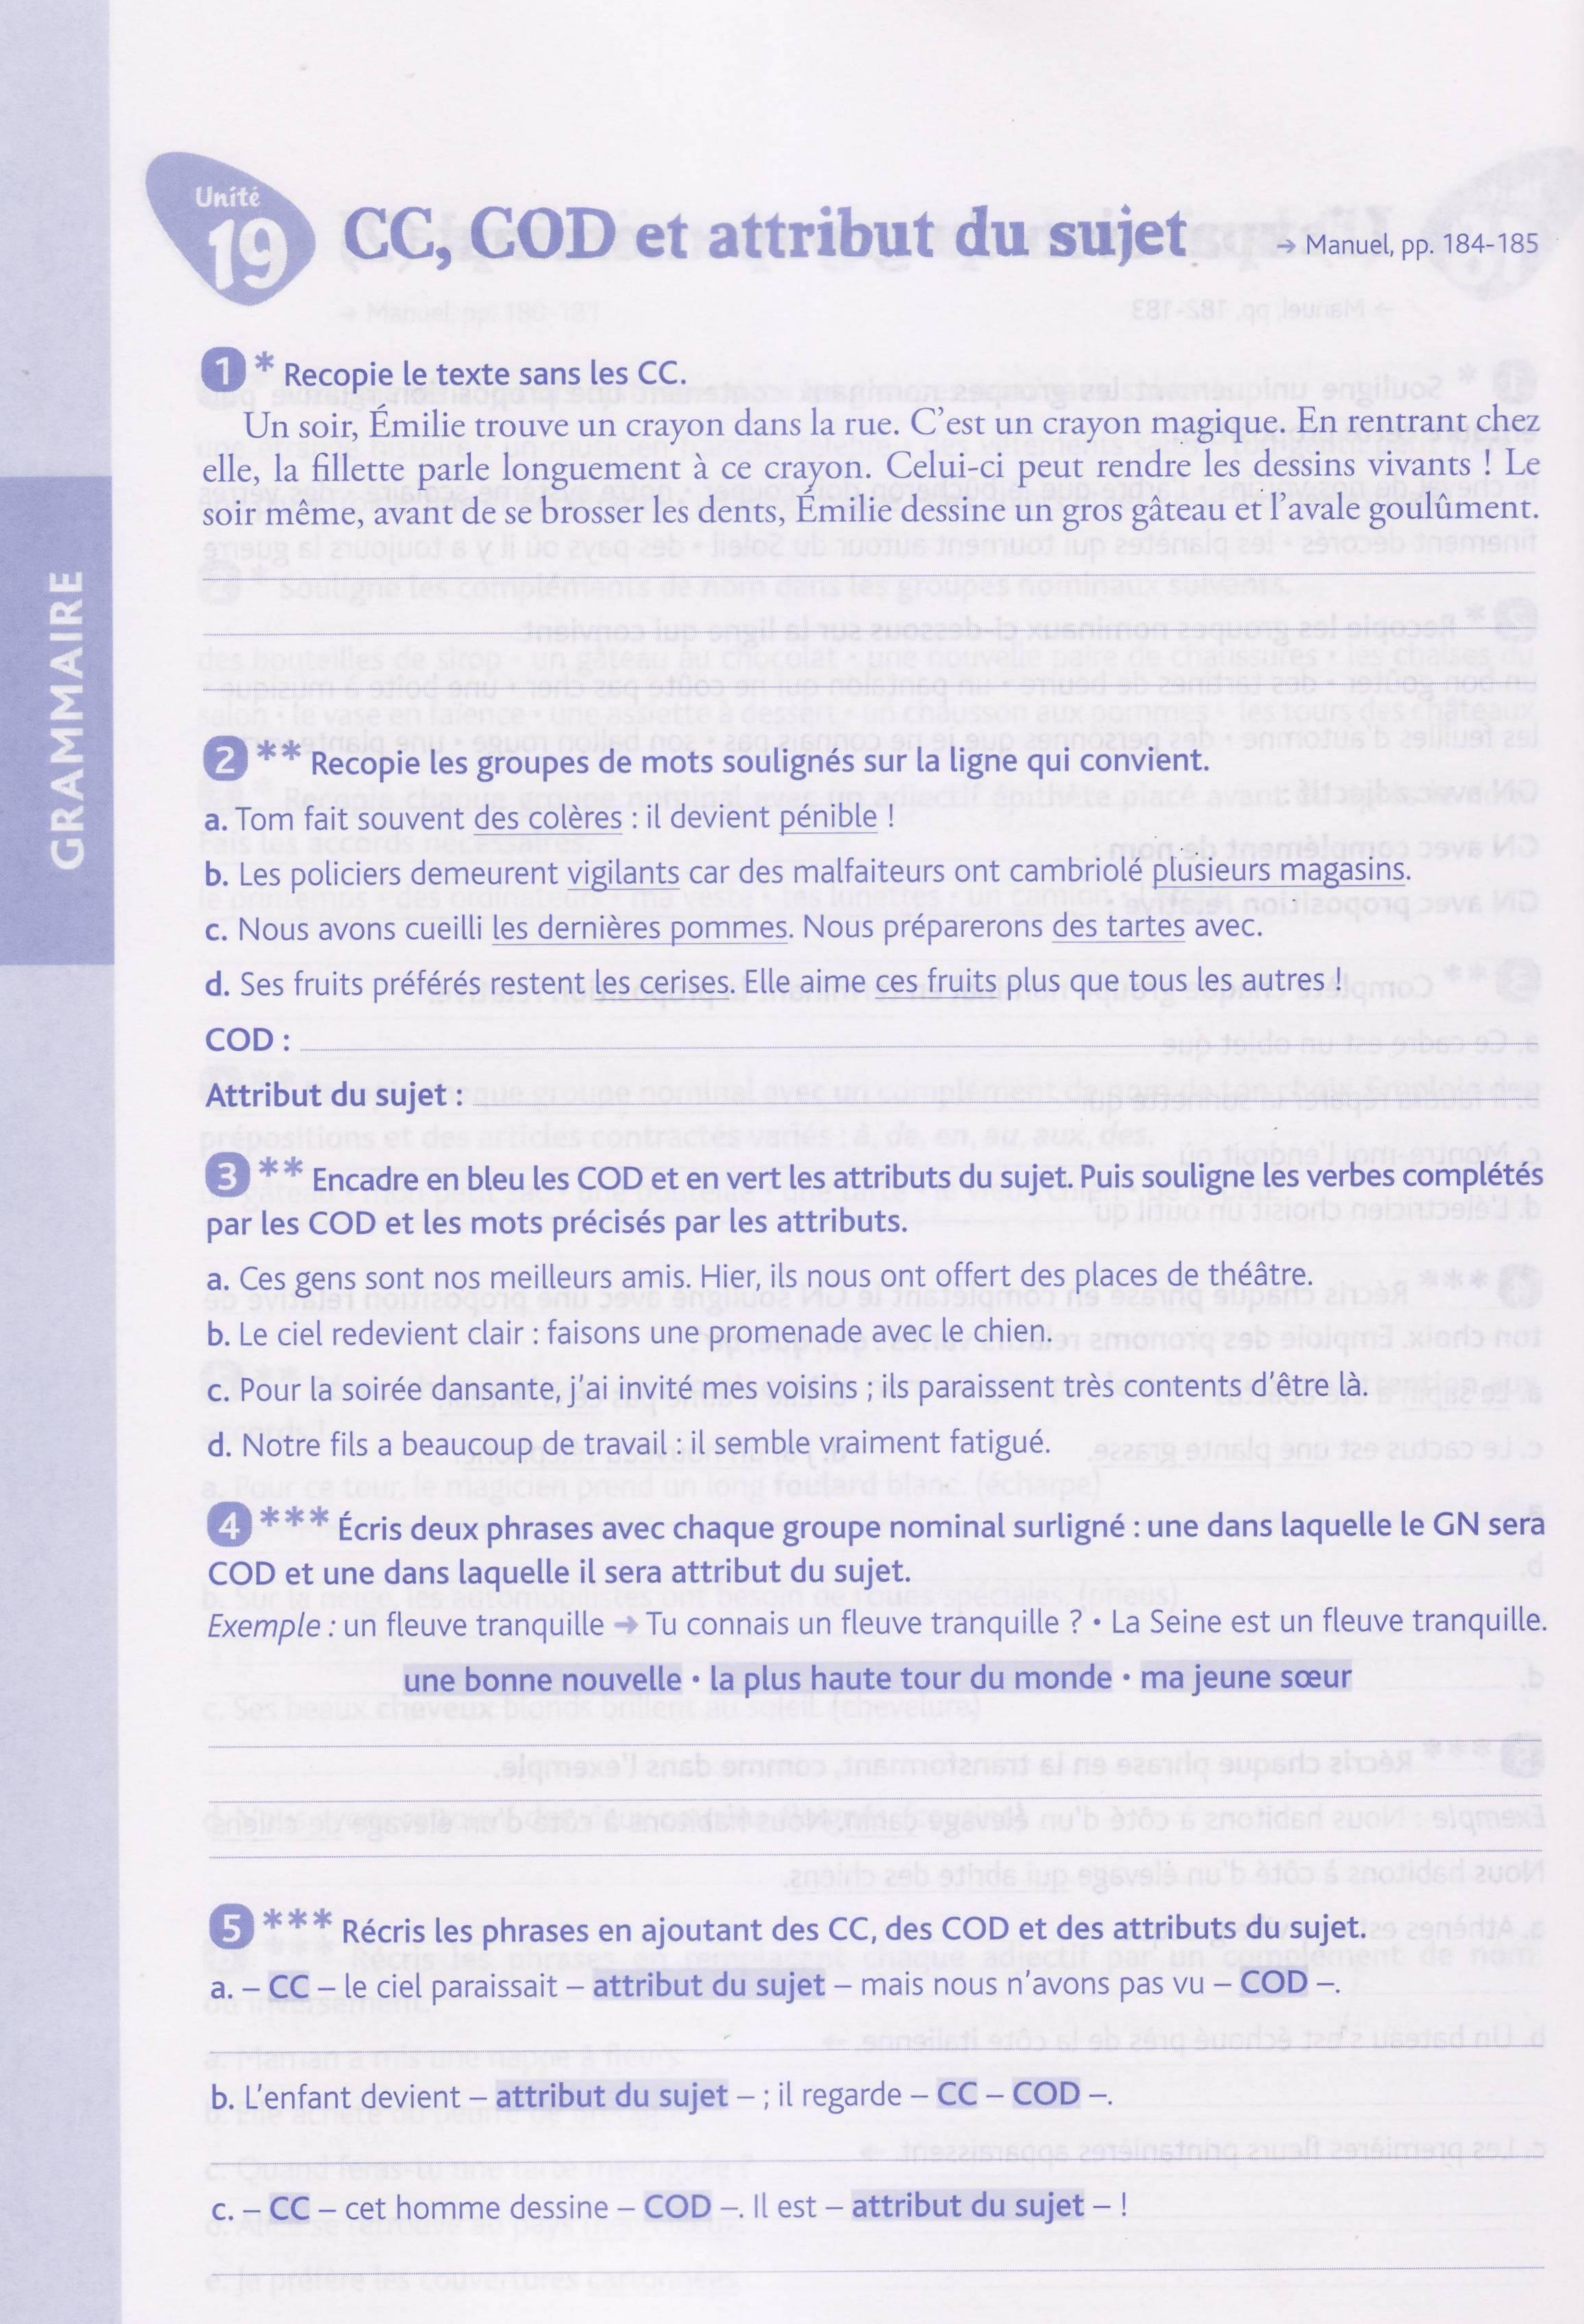 cahier exo croquefeuilles CM1 cc COD attribut du sujet